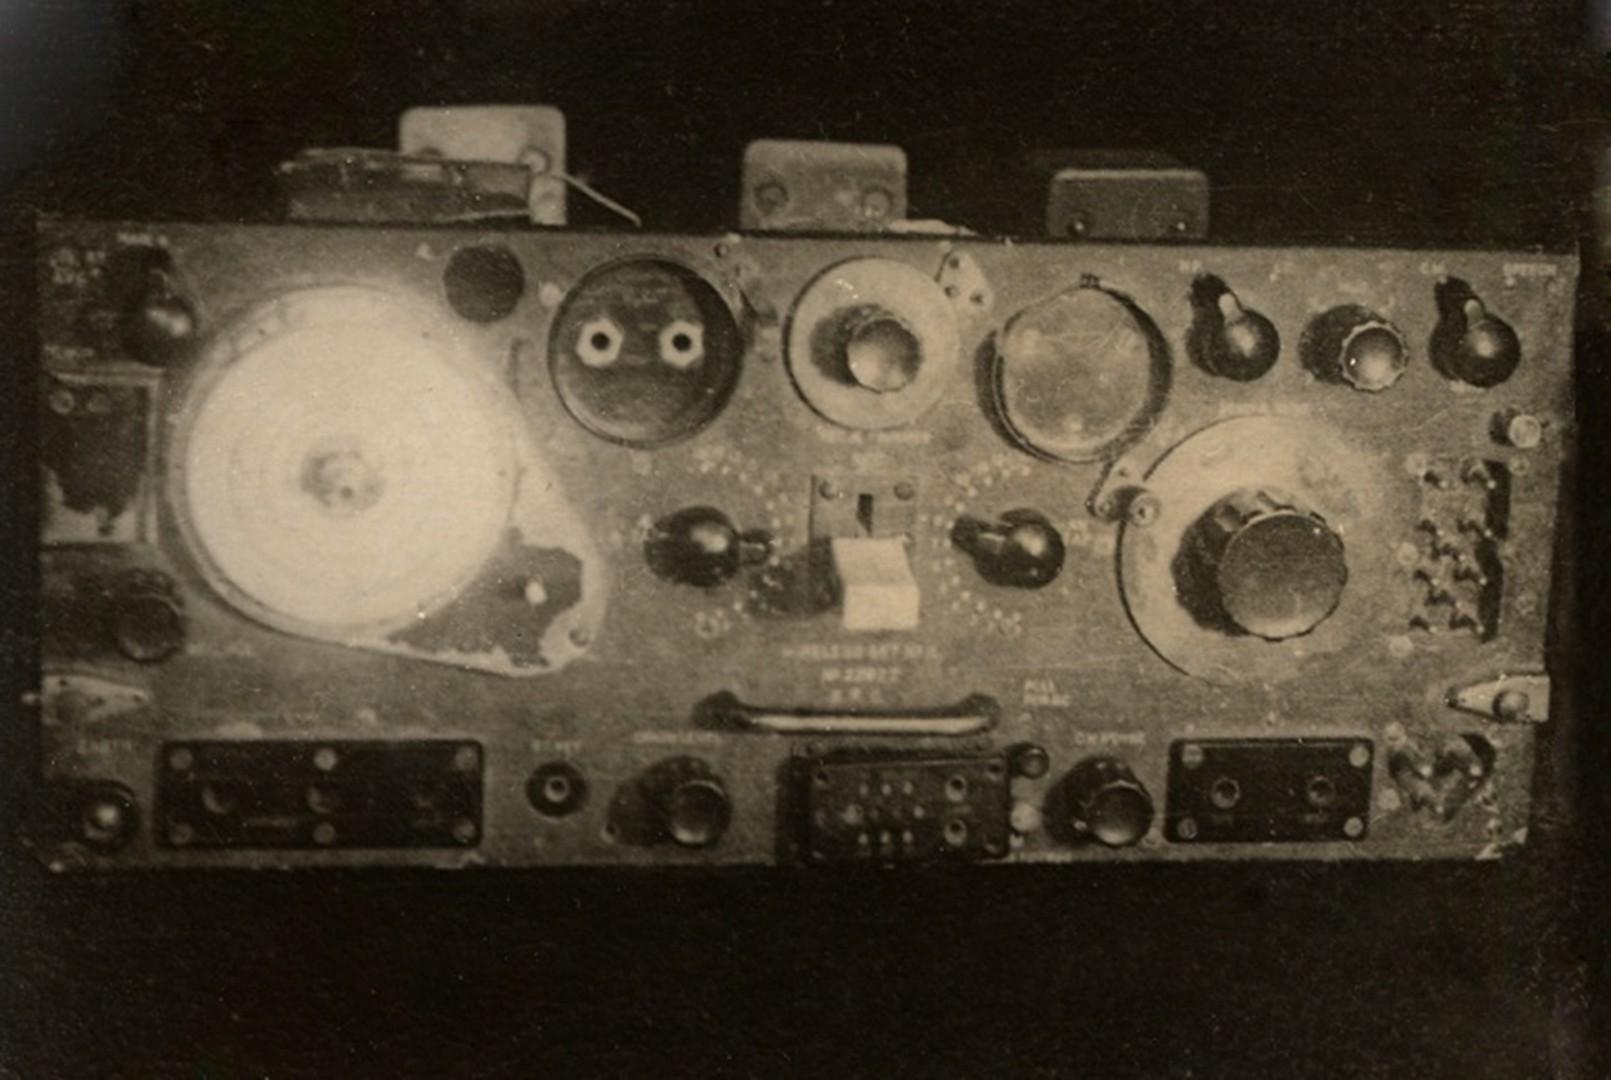 Один из приборов системы радиоуправления курсом ракеты А-4 («Фау-2»). Фото Ю.А. Победоносцева. Польша, Дебице. 1944 г.